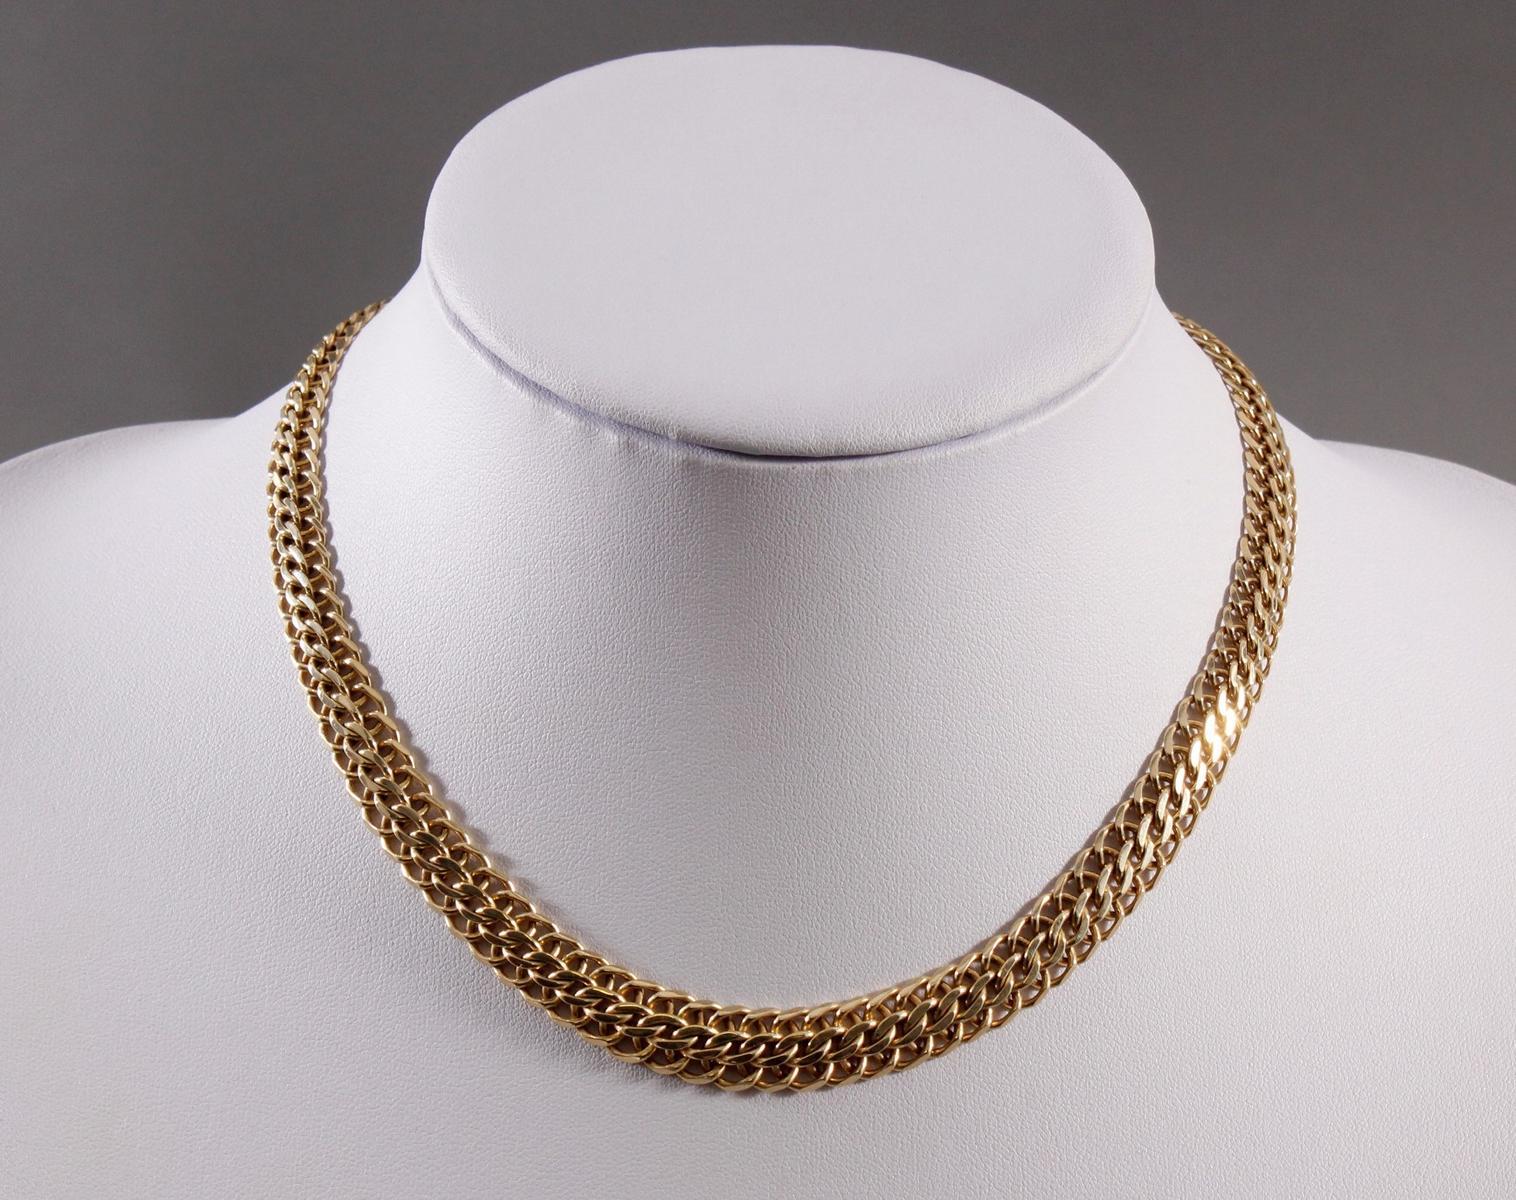 Halskette, 14 kt Gelbgold